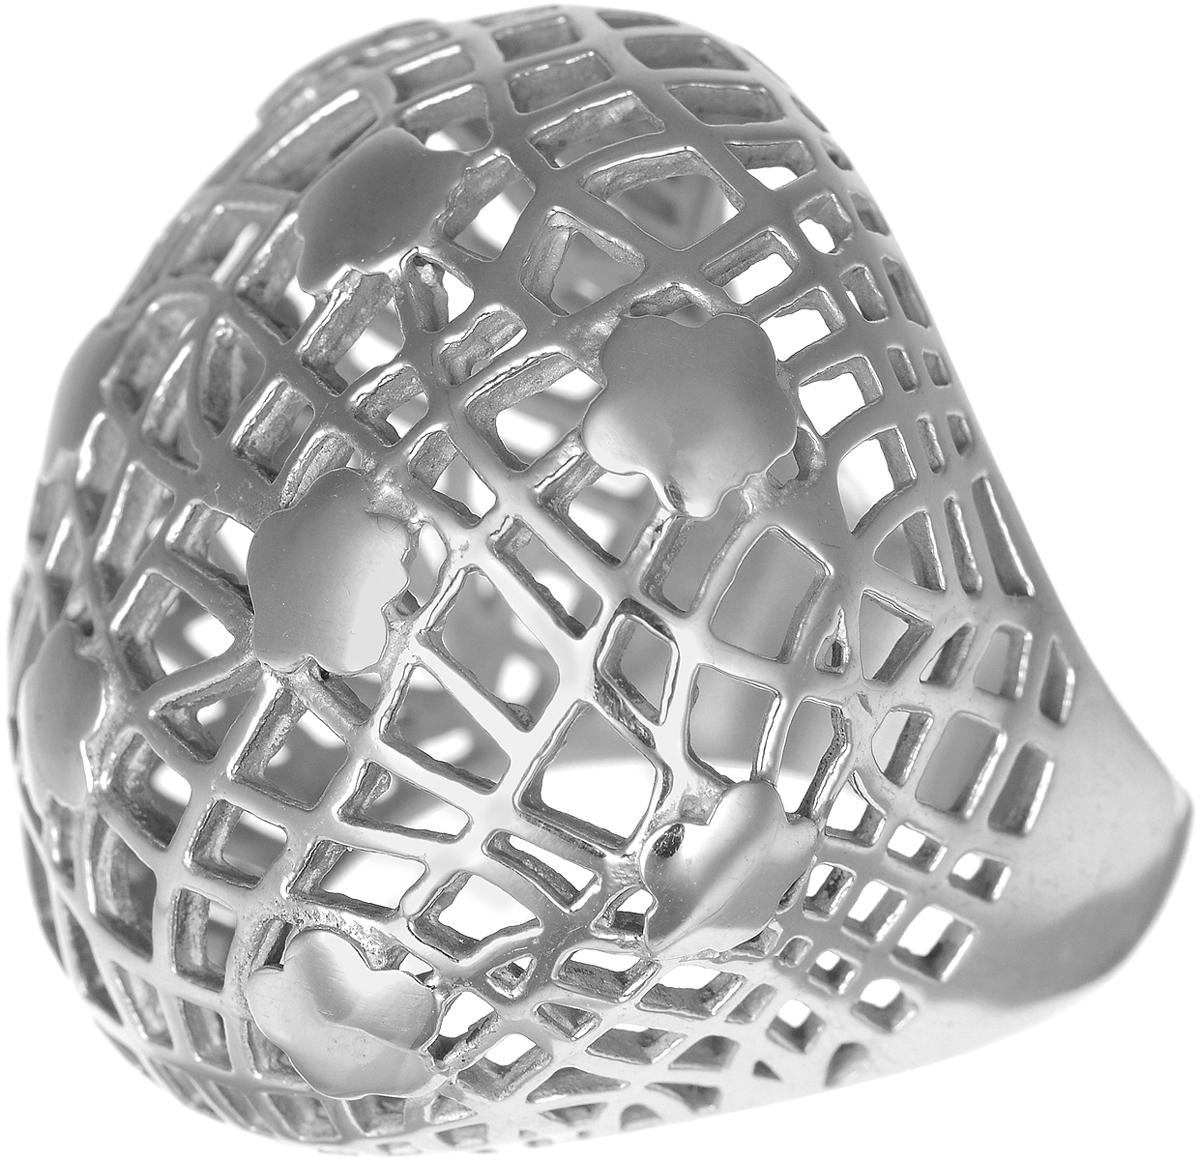 Кольцо Polina Selezneva, цвет: серебристый. DG-0001. Размер 20Коктейльное кольцоСтильное кольцо Polina Selezneva изготовлено из качественного металлического сплава и выполнено в оригинальном дизайне. Массивное кольцо оформлено резным узором.